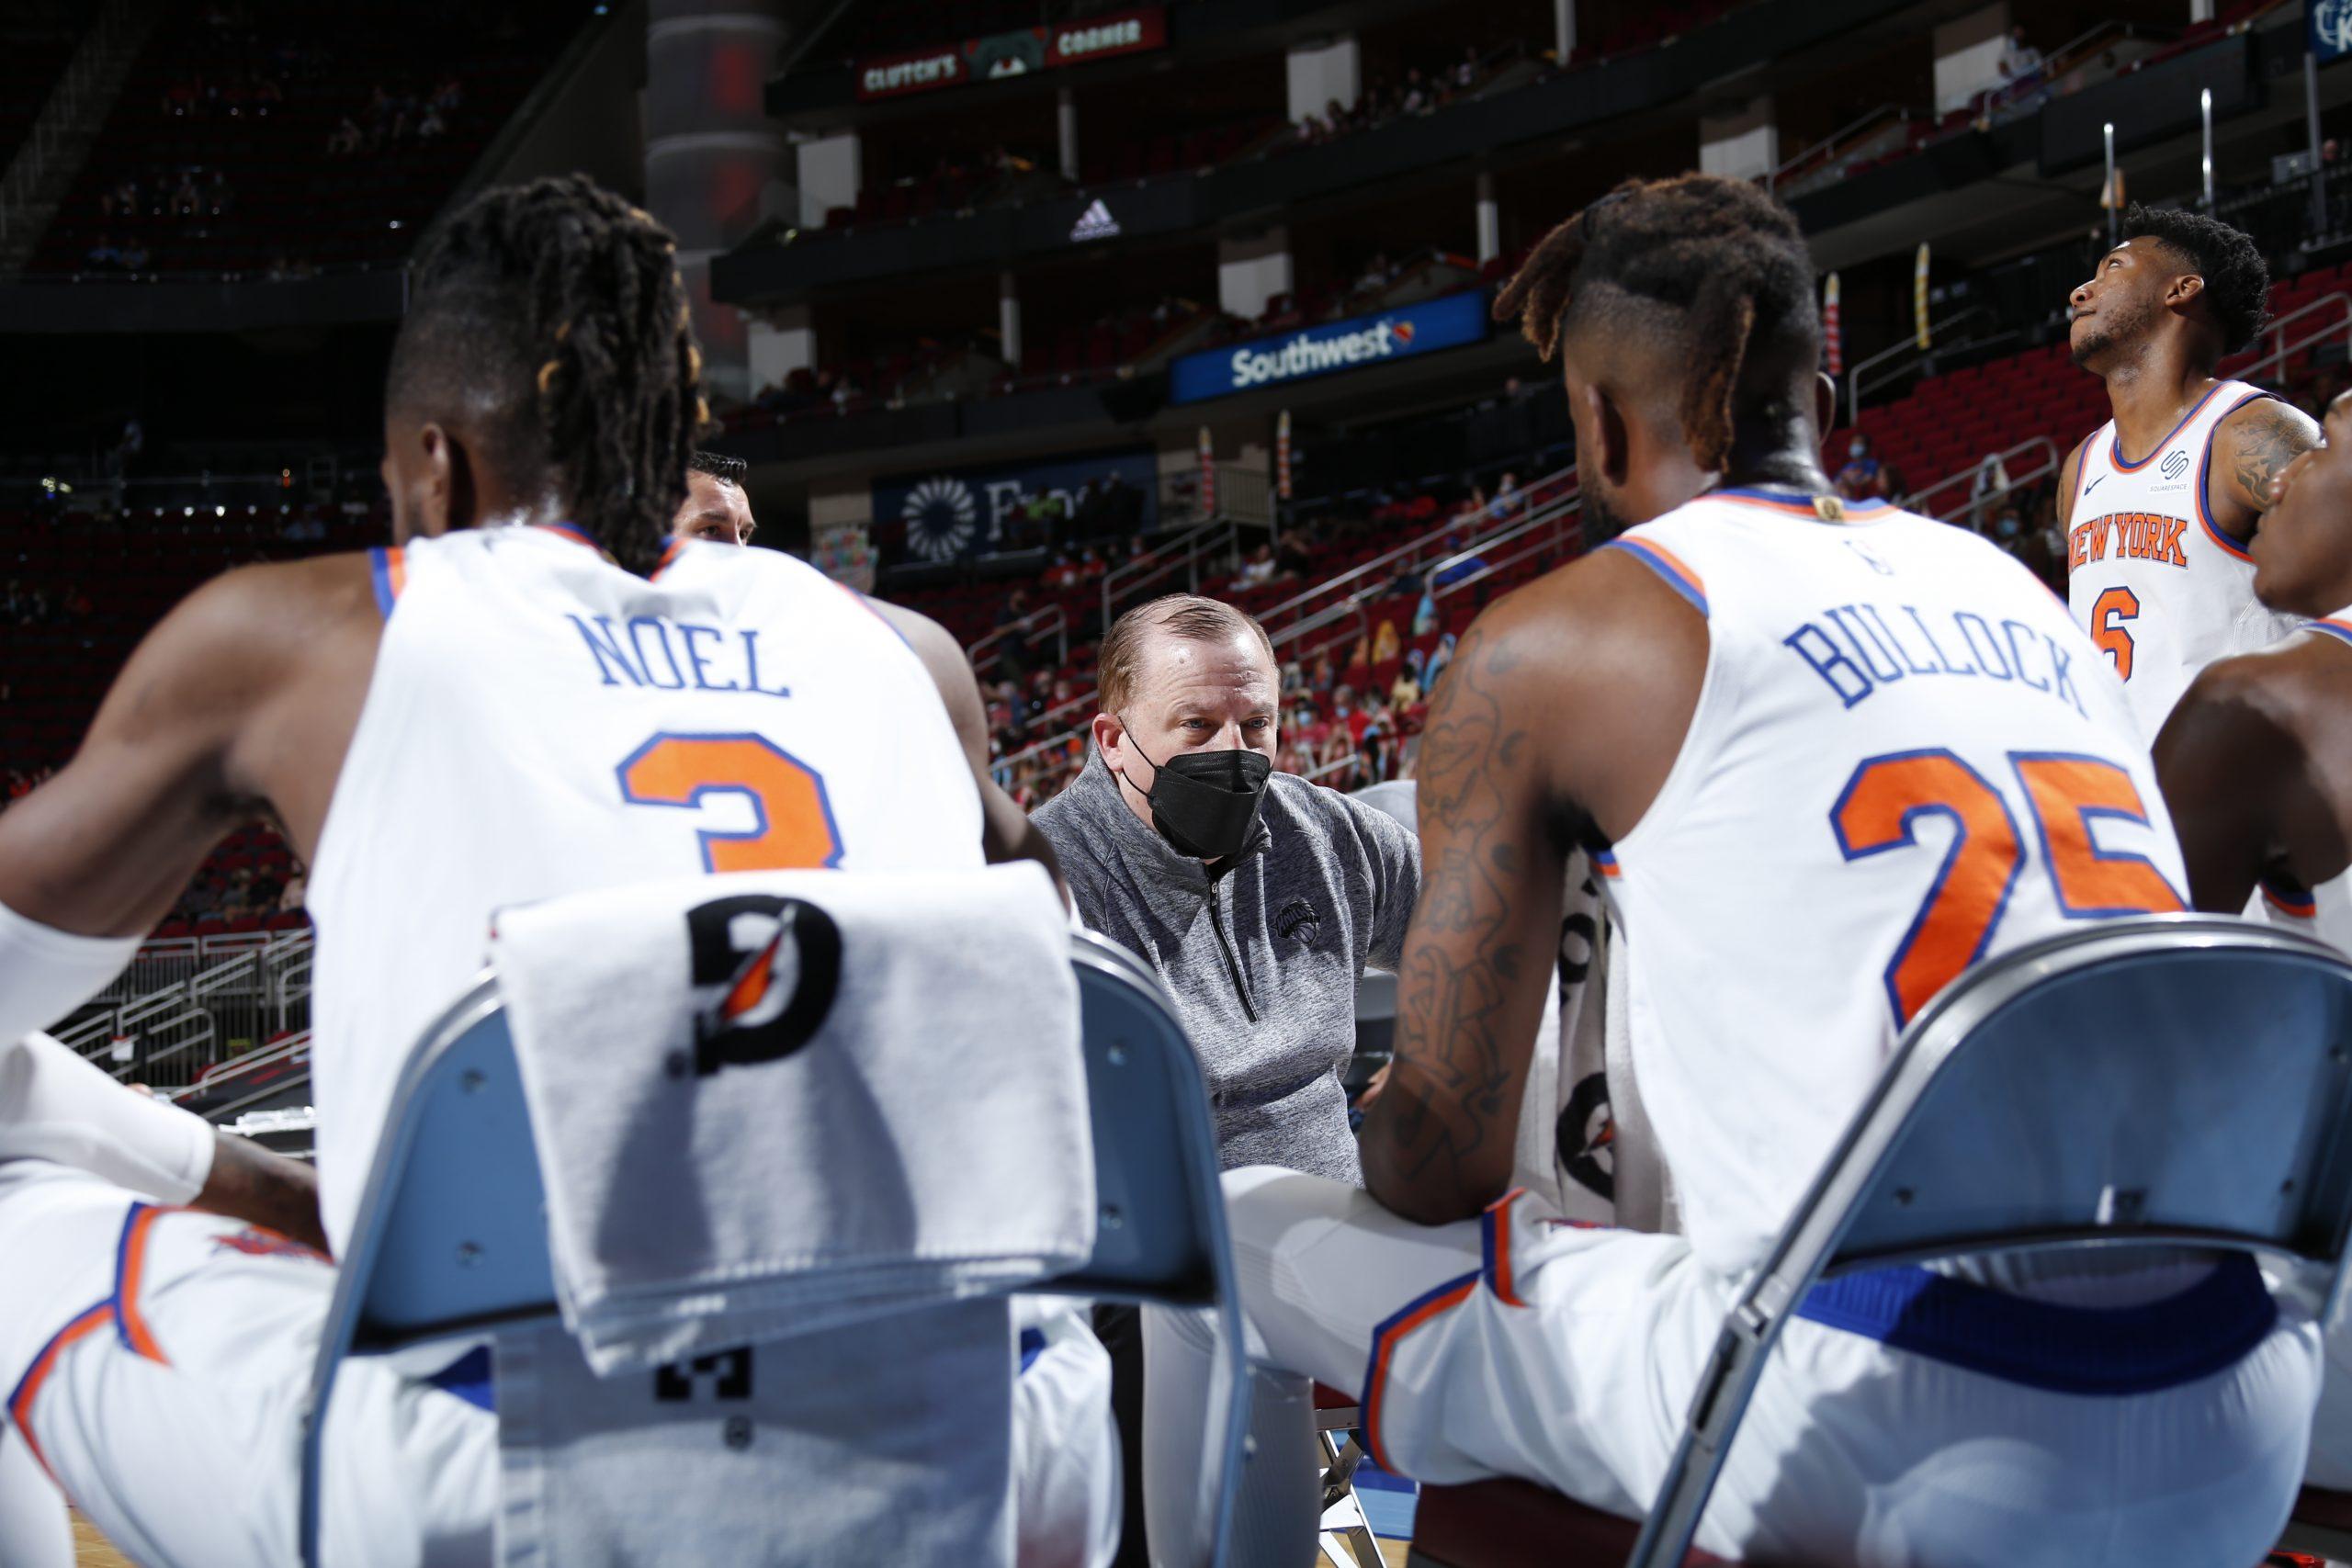 Wielki mecz Moranta, Rose prowadzi Knicks do zwycięstwa, dominacja Sixers